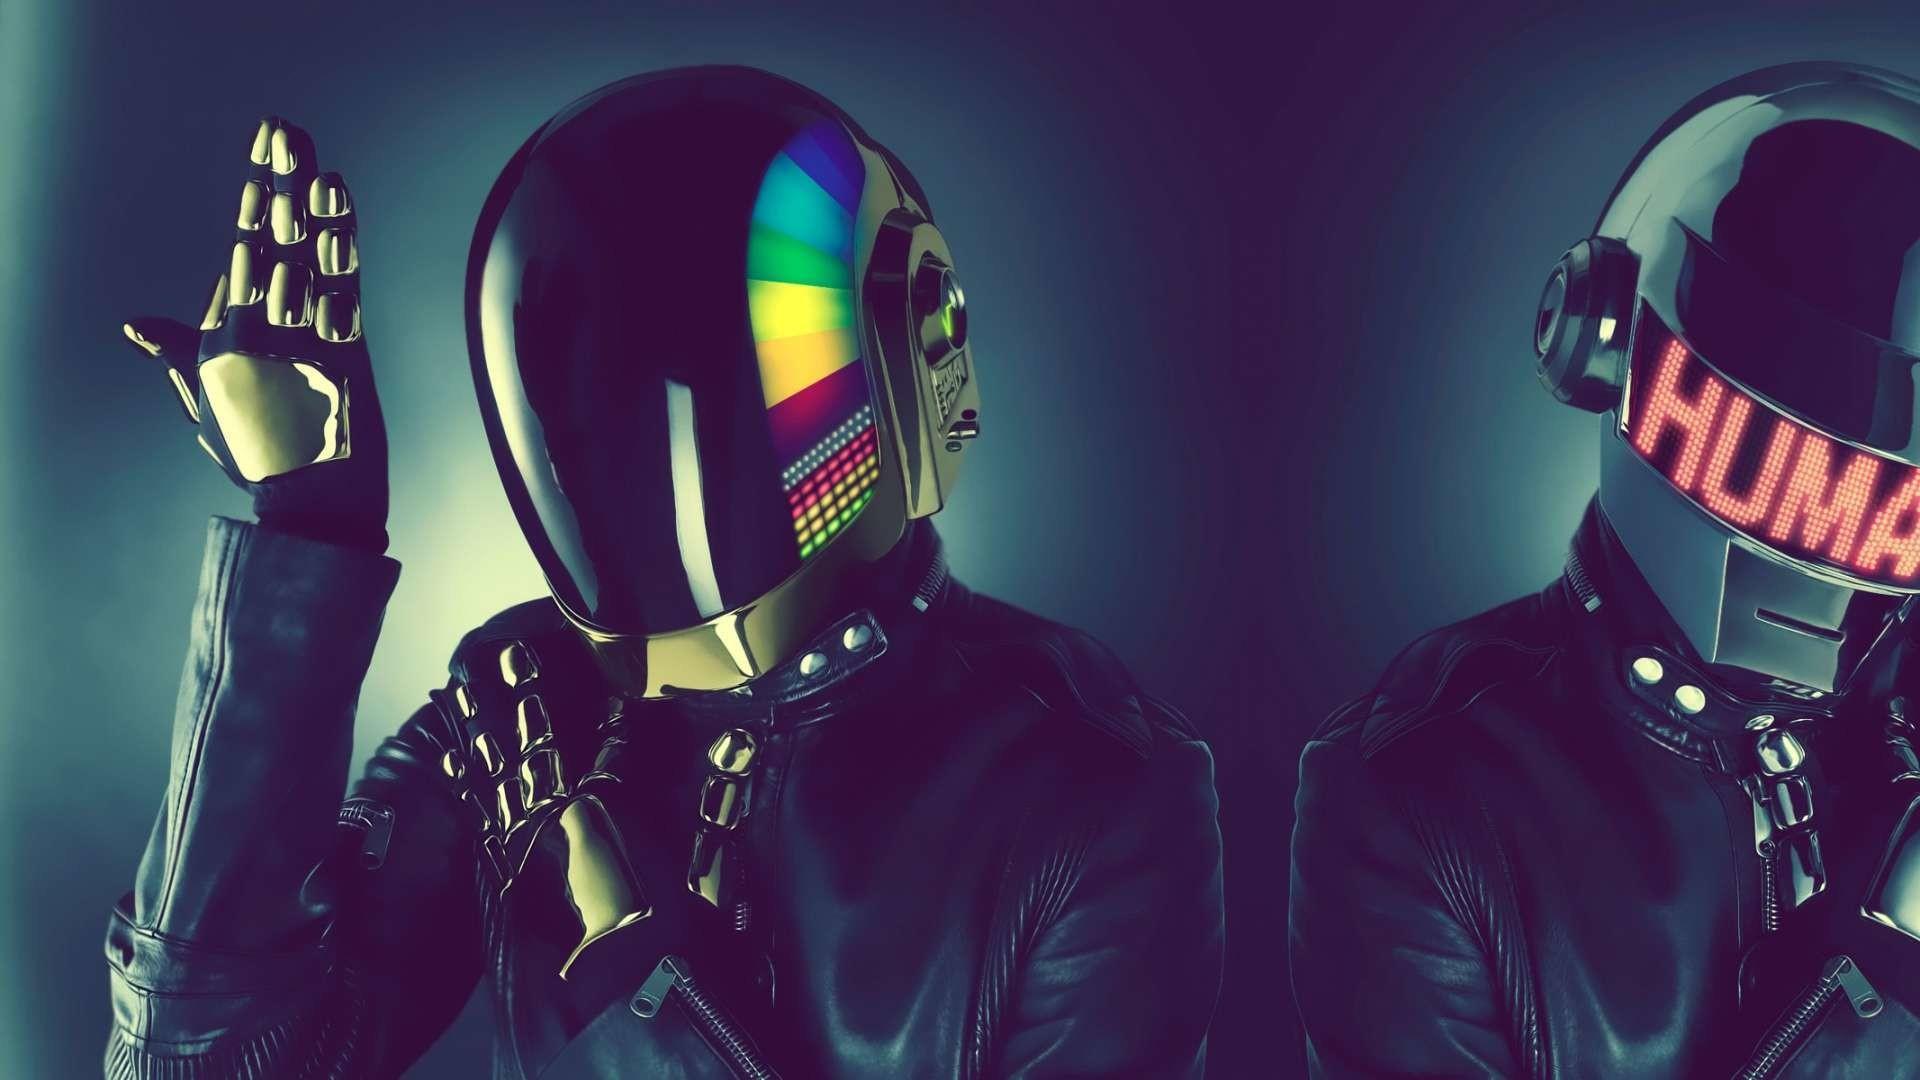 Daft Punk Style Music Hd Wallpaper 1080p | HDWallWide.com